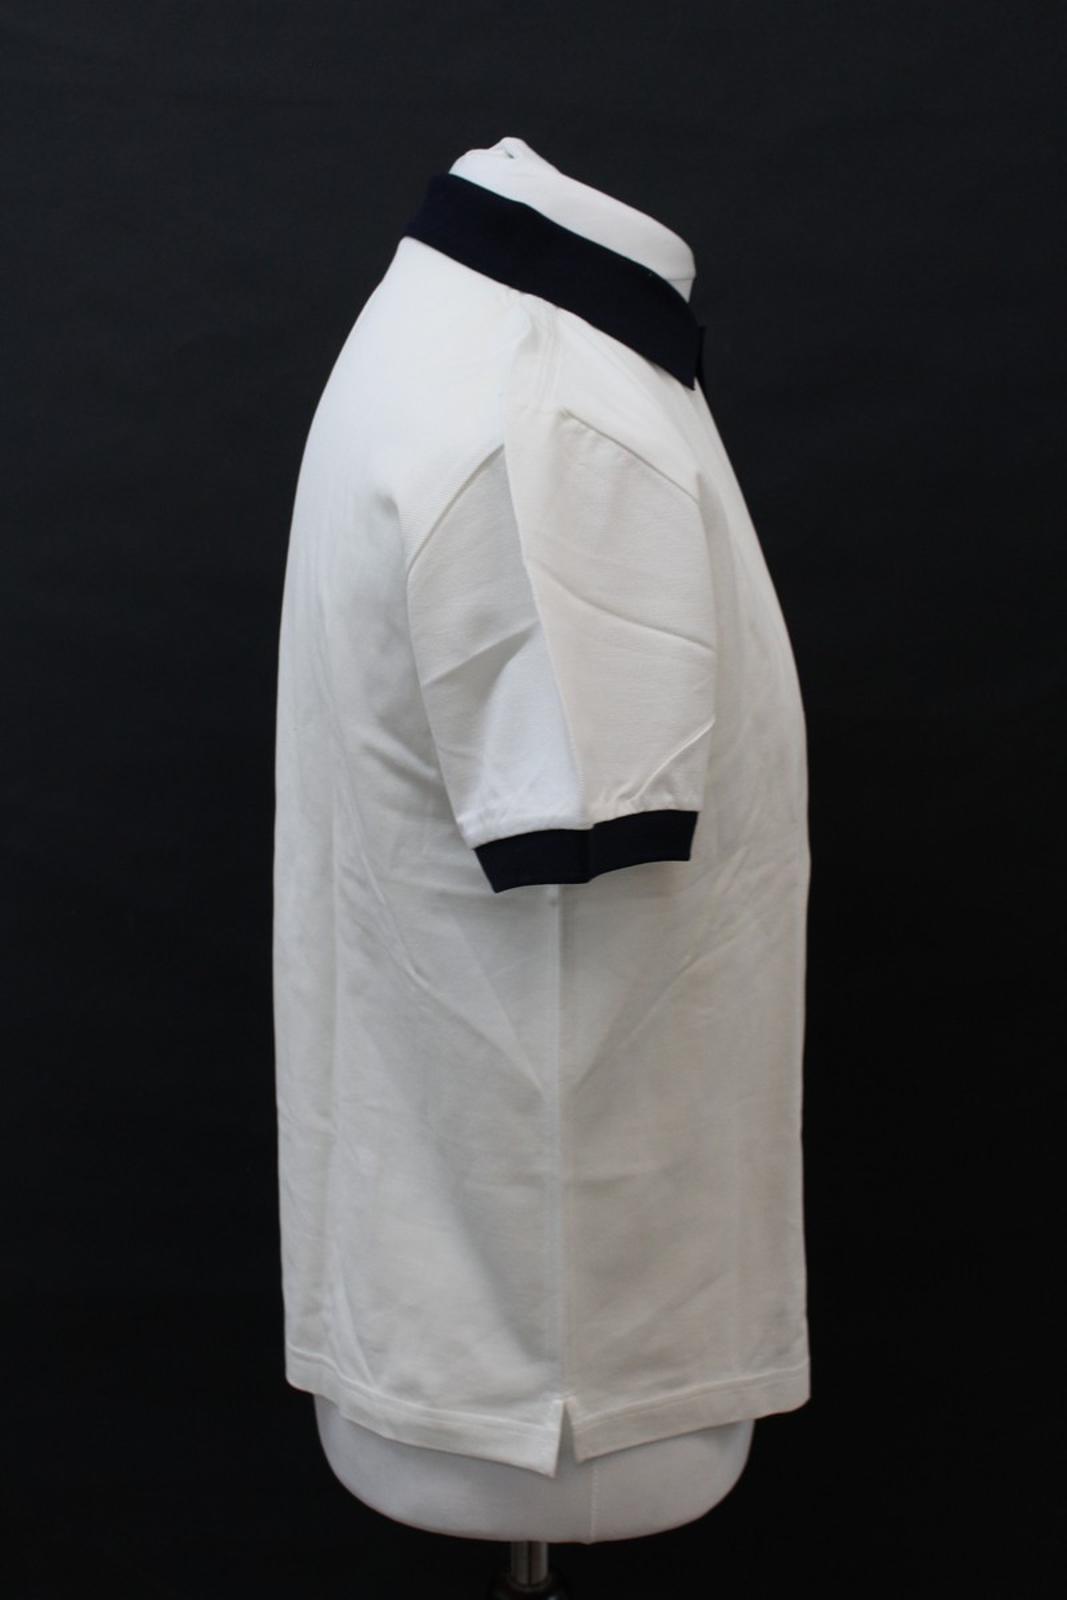 PRADA-Uomo-Avorio-Blu-Navy-Cotone-Maniche-Corte-Con-Colletto-Collo-Polo-XL miniatura 4